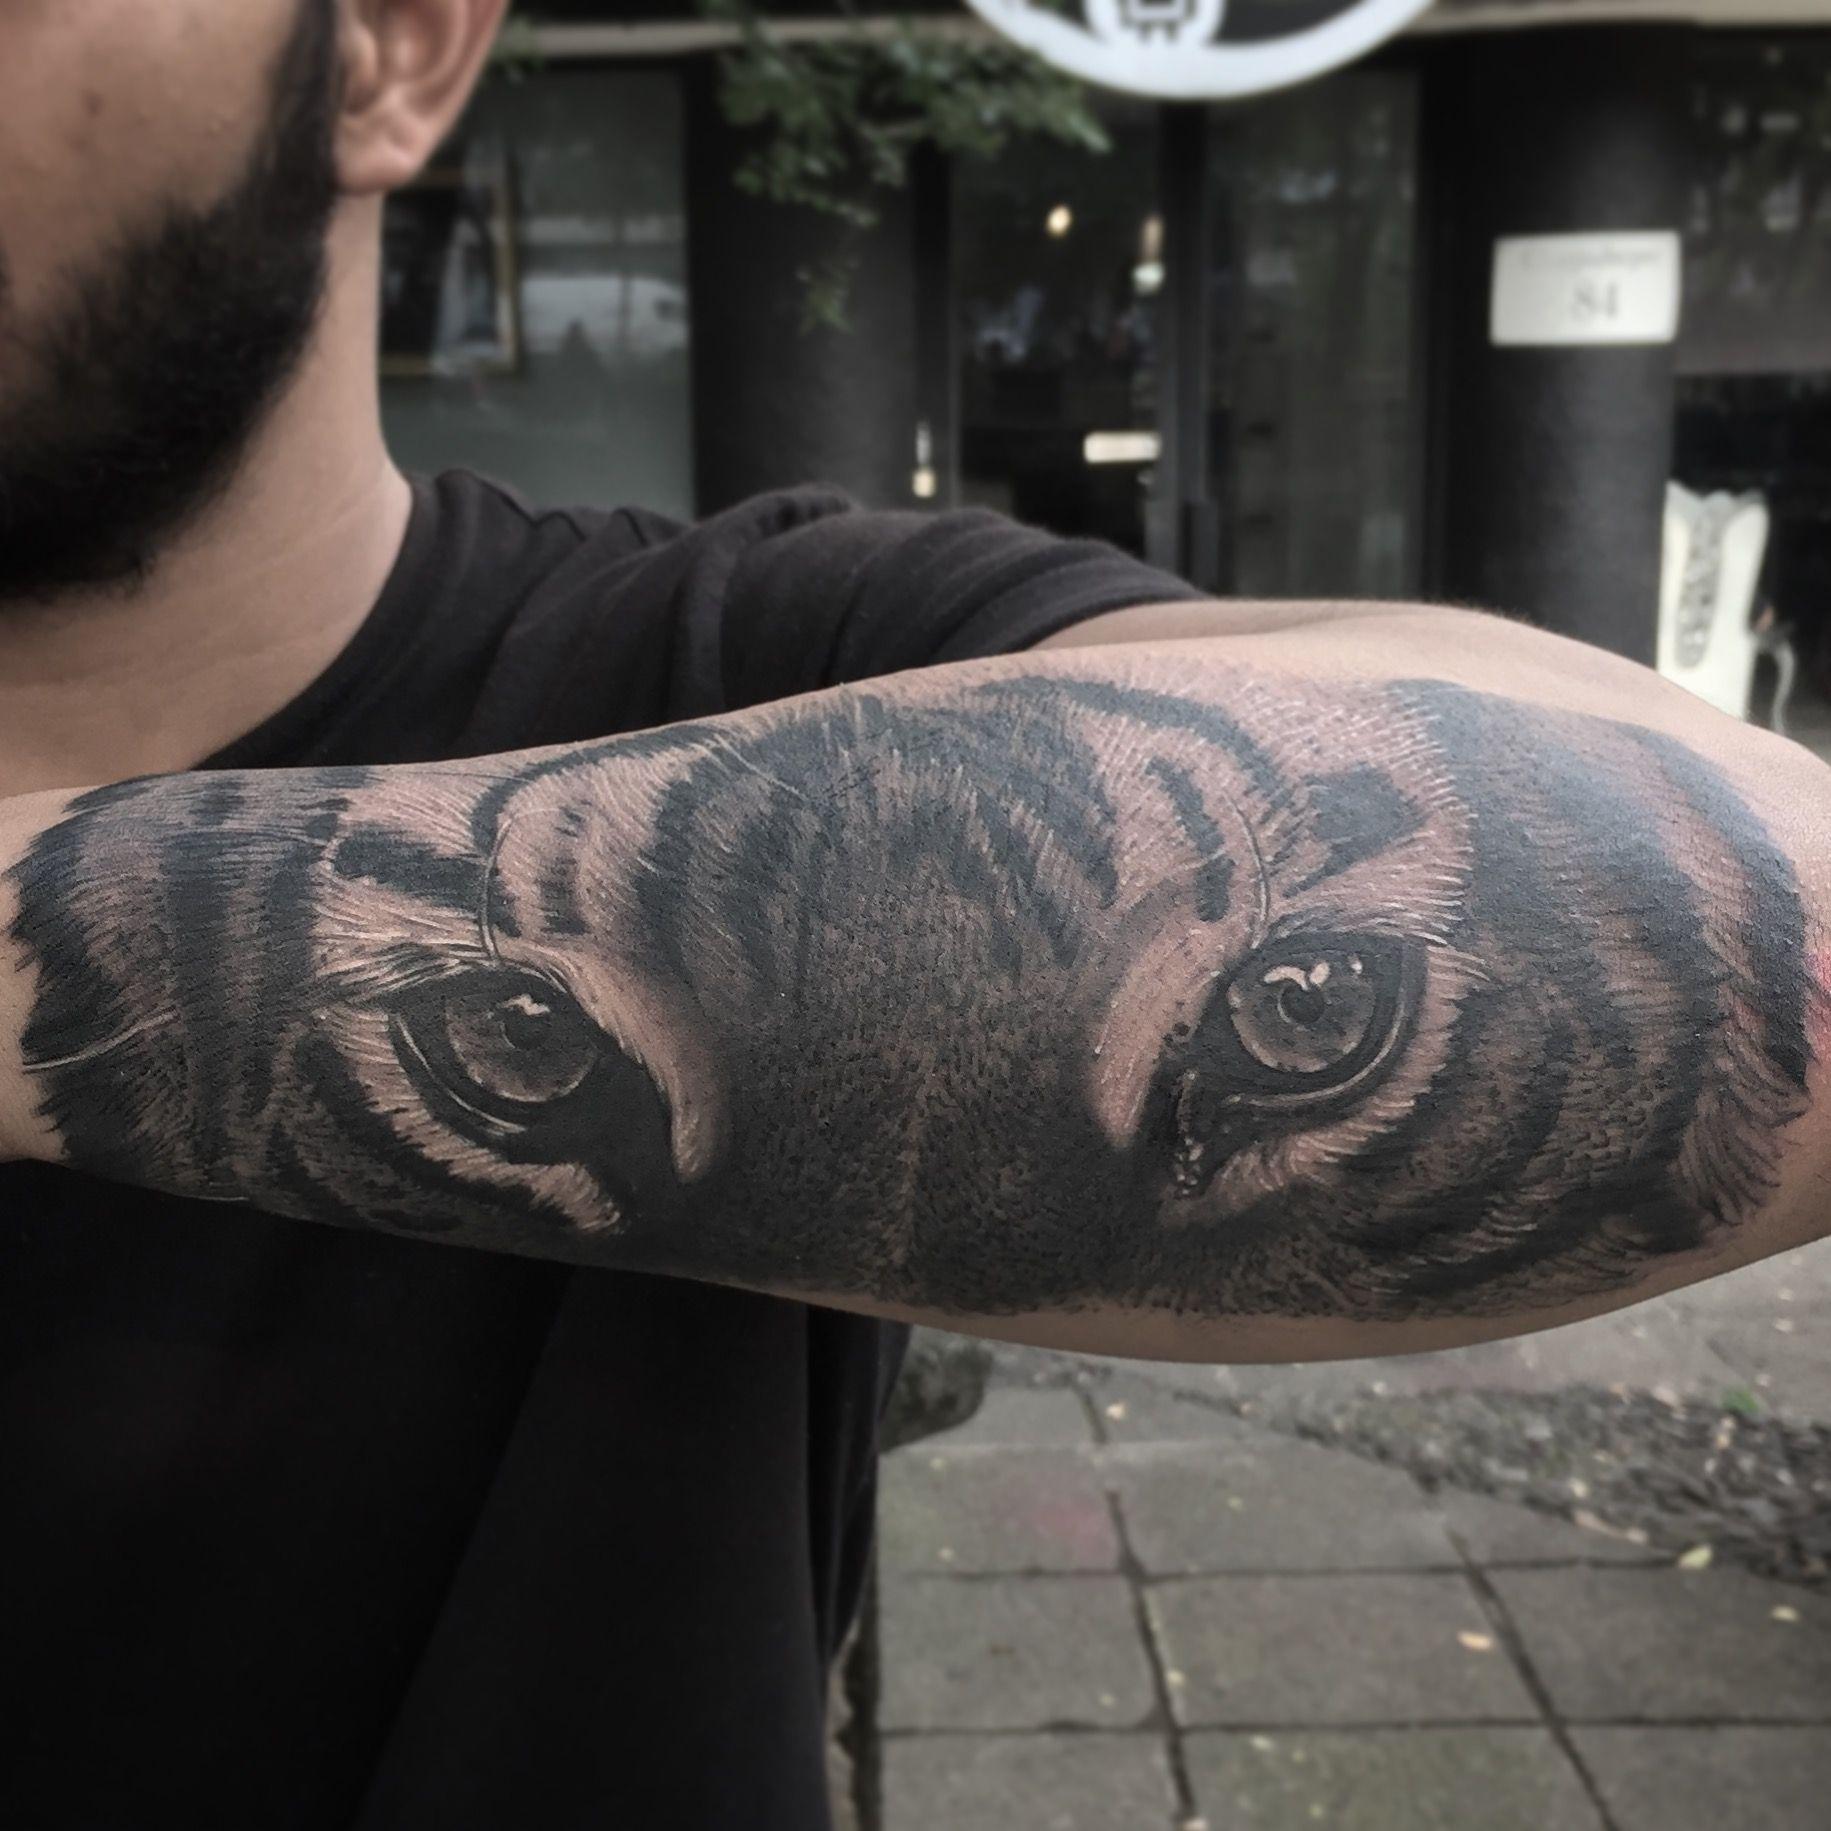 Pin eulen tattoo bedeutungen f on pinterest - Tattoo